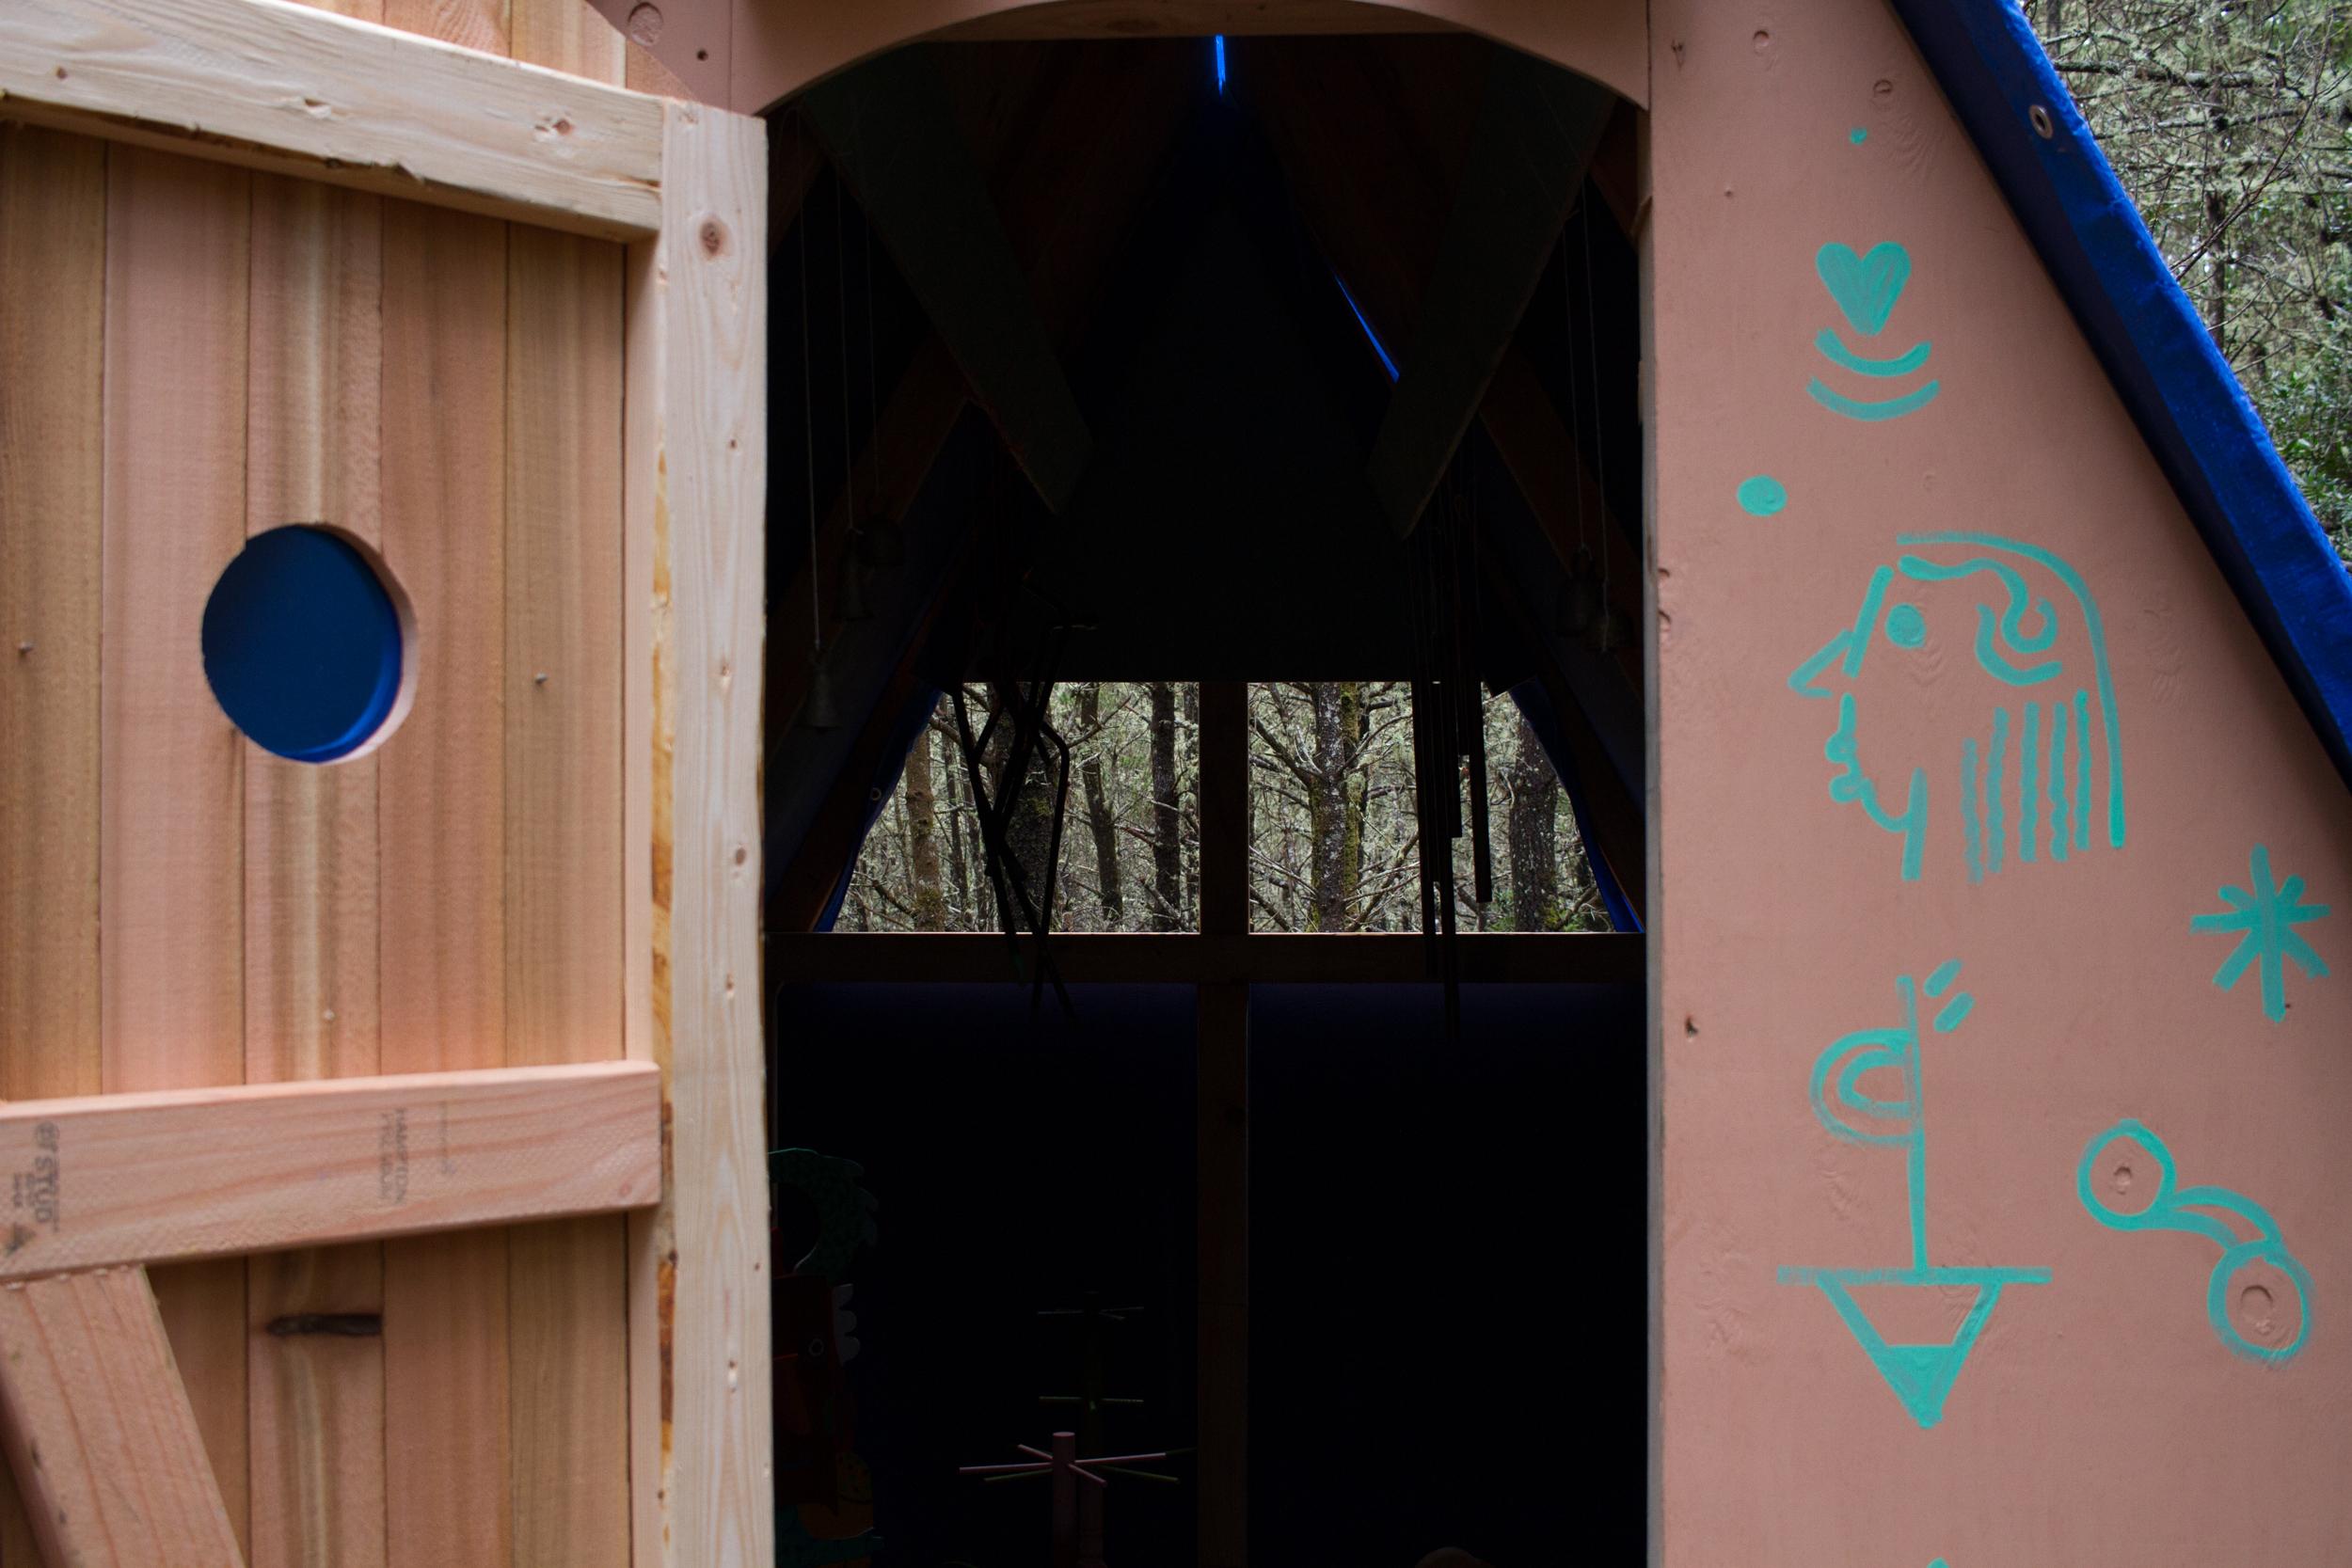 Installation view with door open.